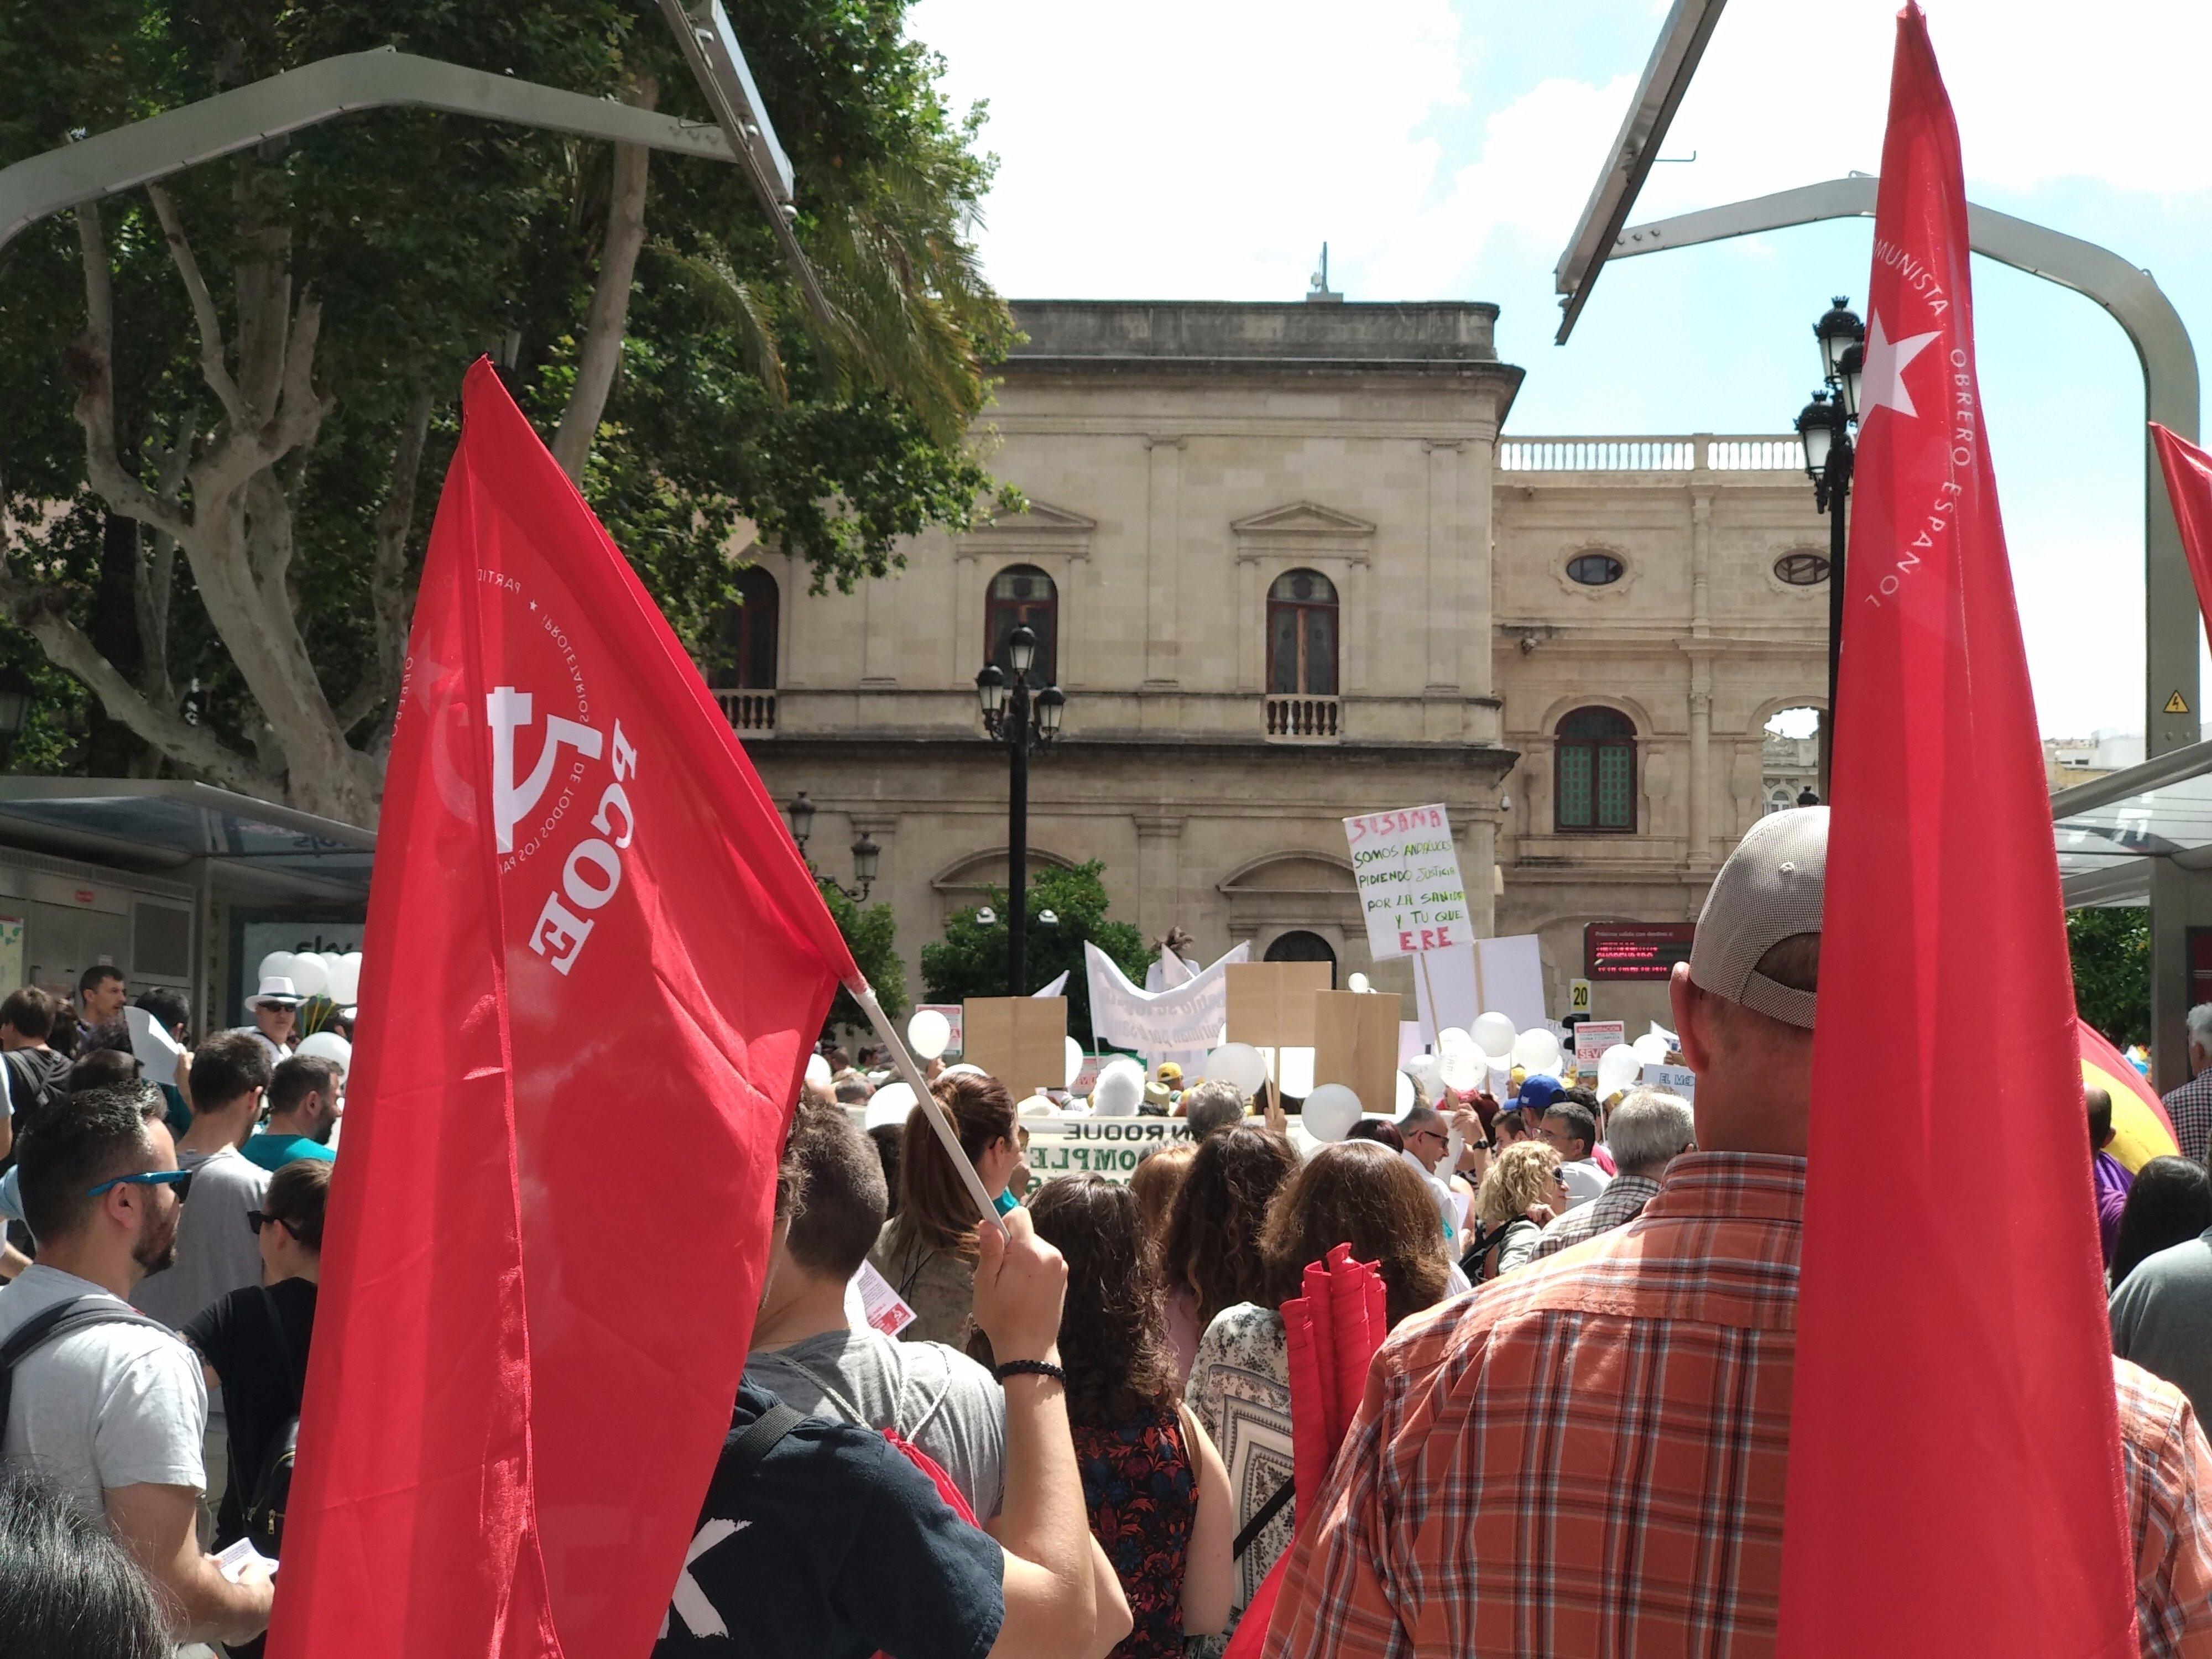 Los militantes del Partido Comunista Obrero Español se han sumado a las decenas de miles de andaluces que han gritado en Sevilla su descontento por la situación insoportable de la…